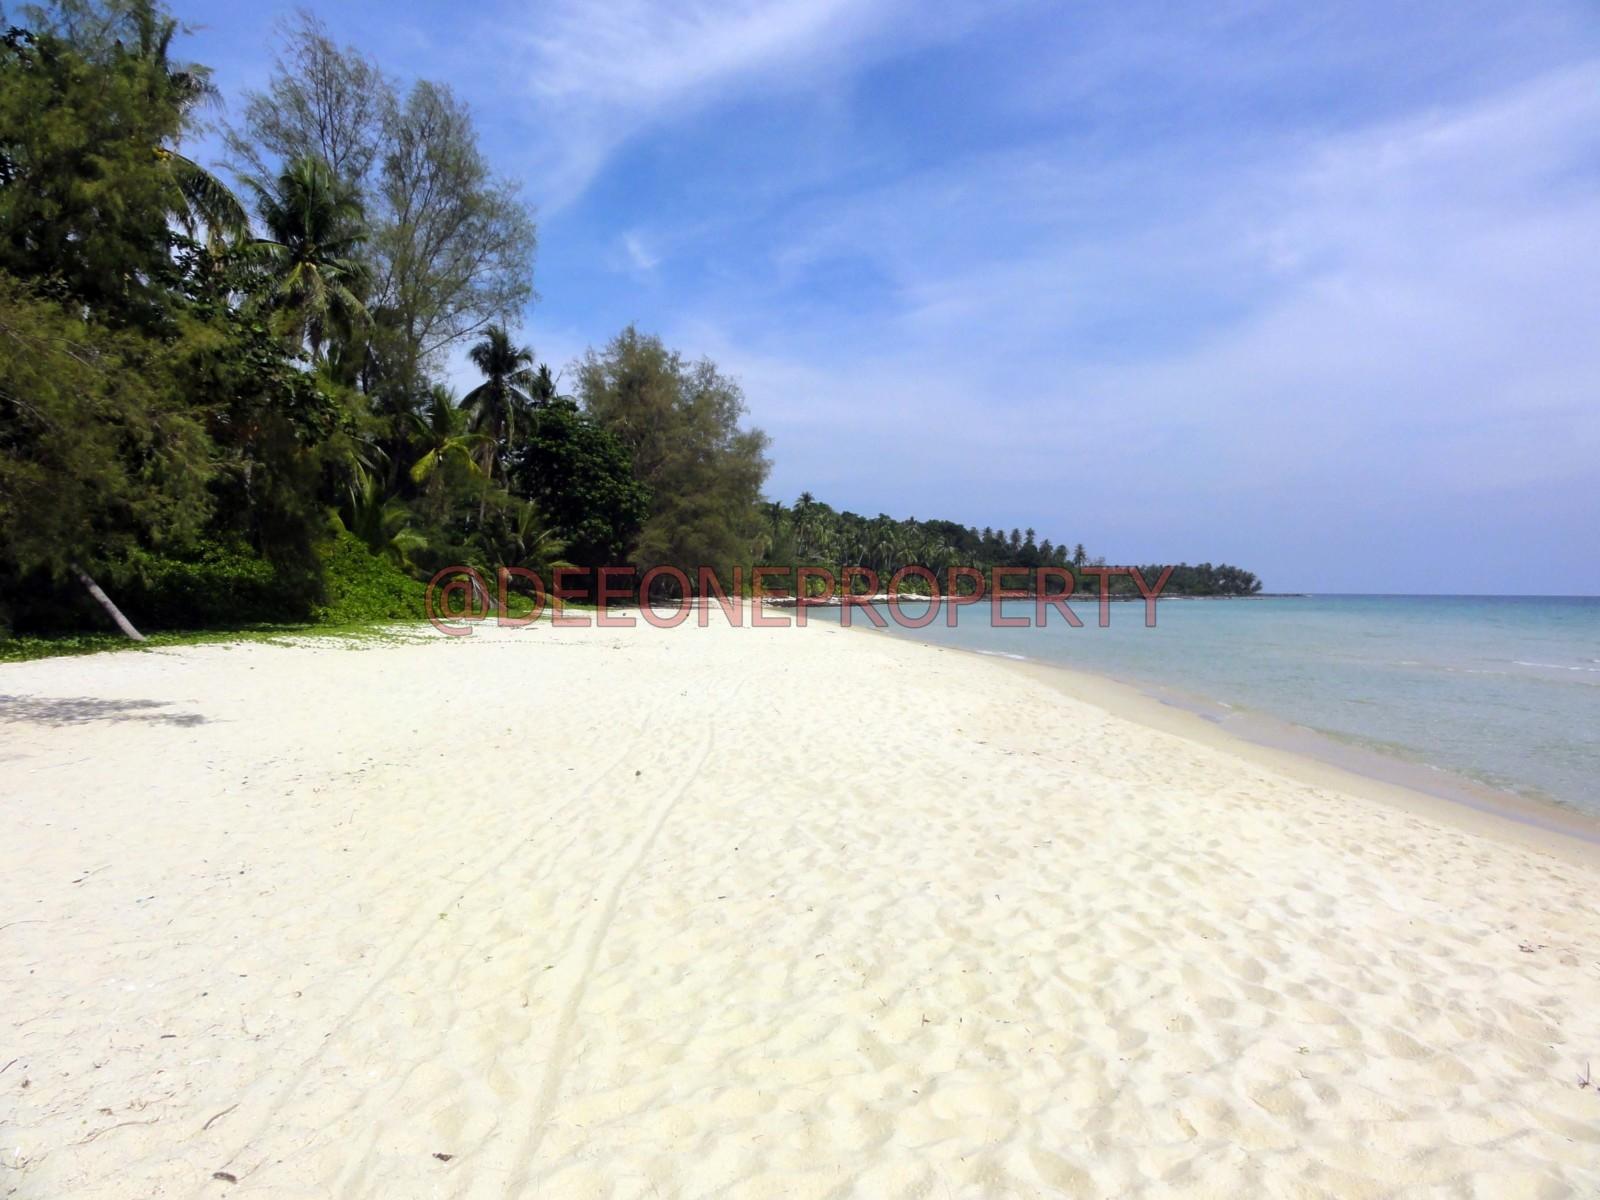 三块风景迷人海滨土地出售 – 库德岛 (Koh Kut)